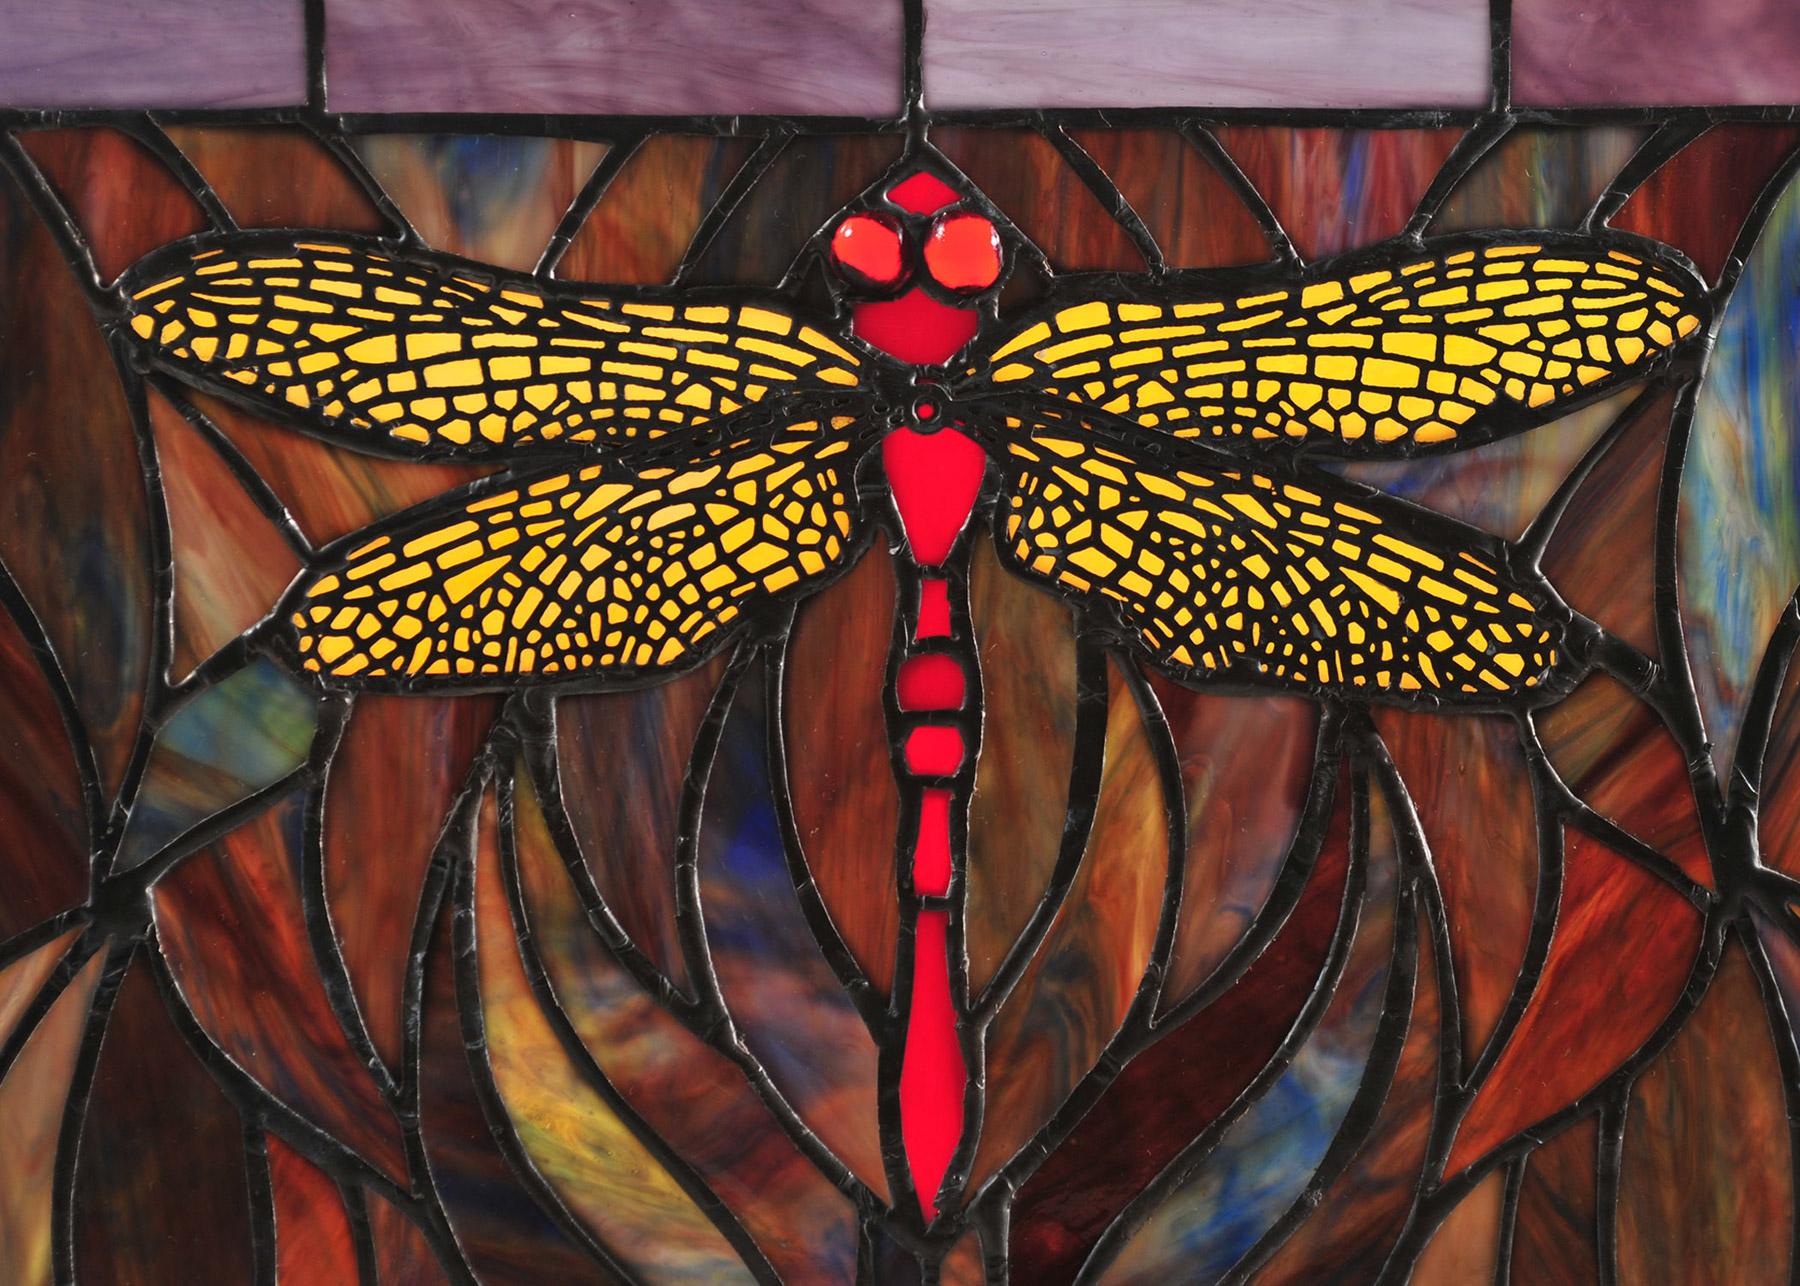 Meyda 48091 Tiffany Dragonfly Trio Stained Glass Window